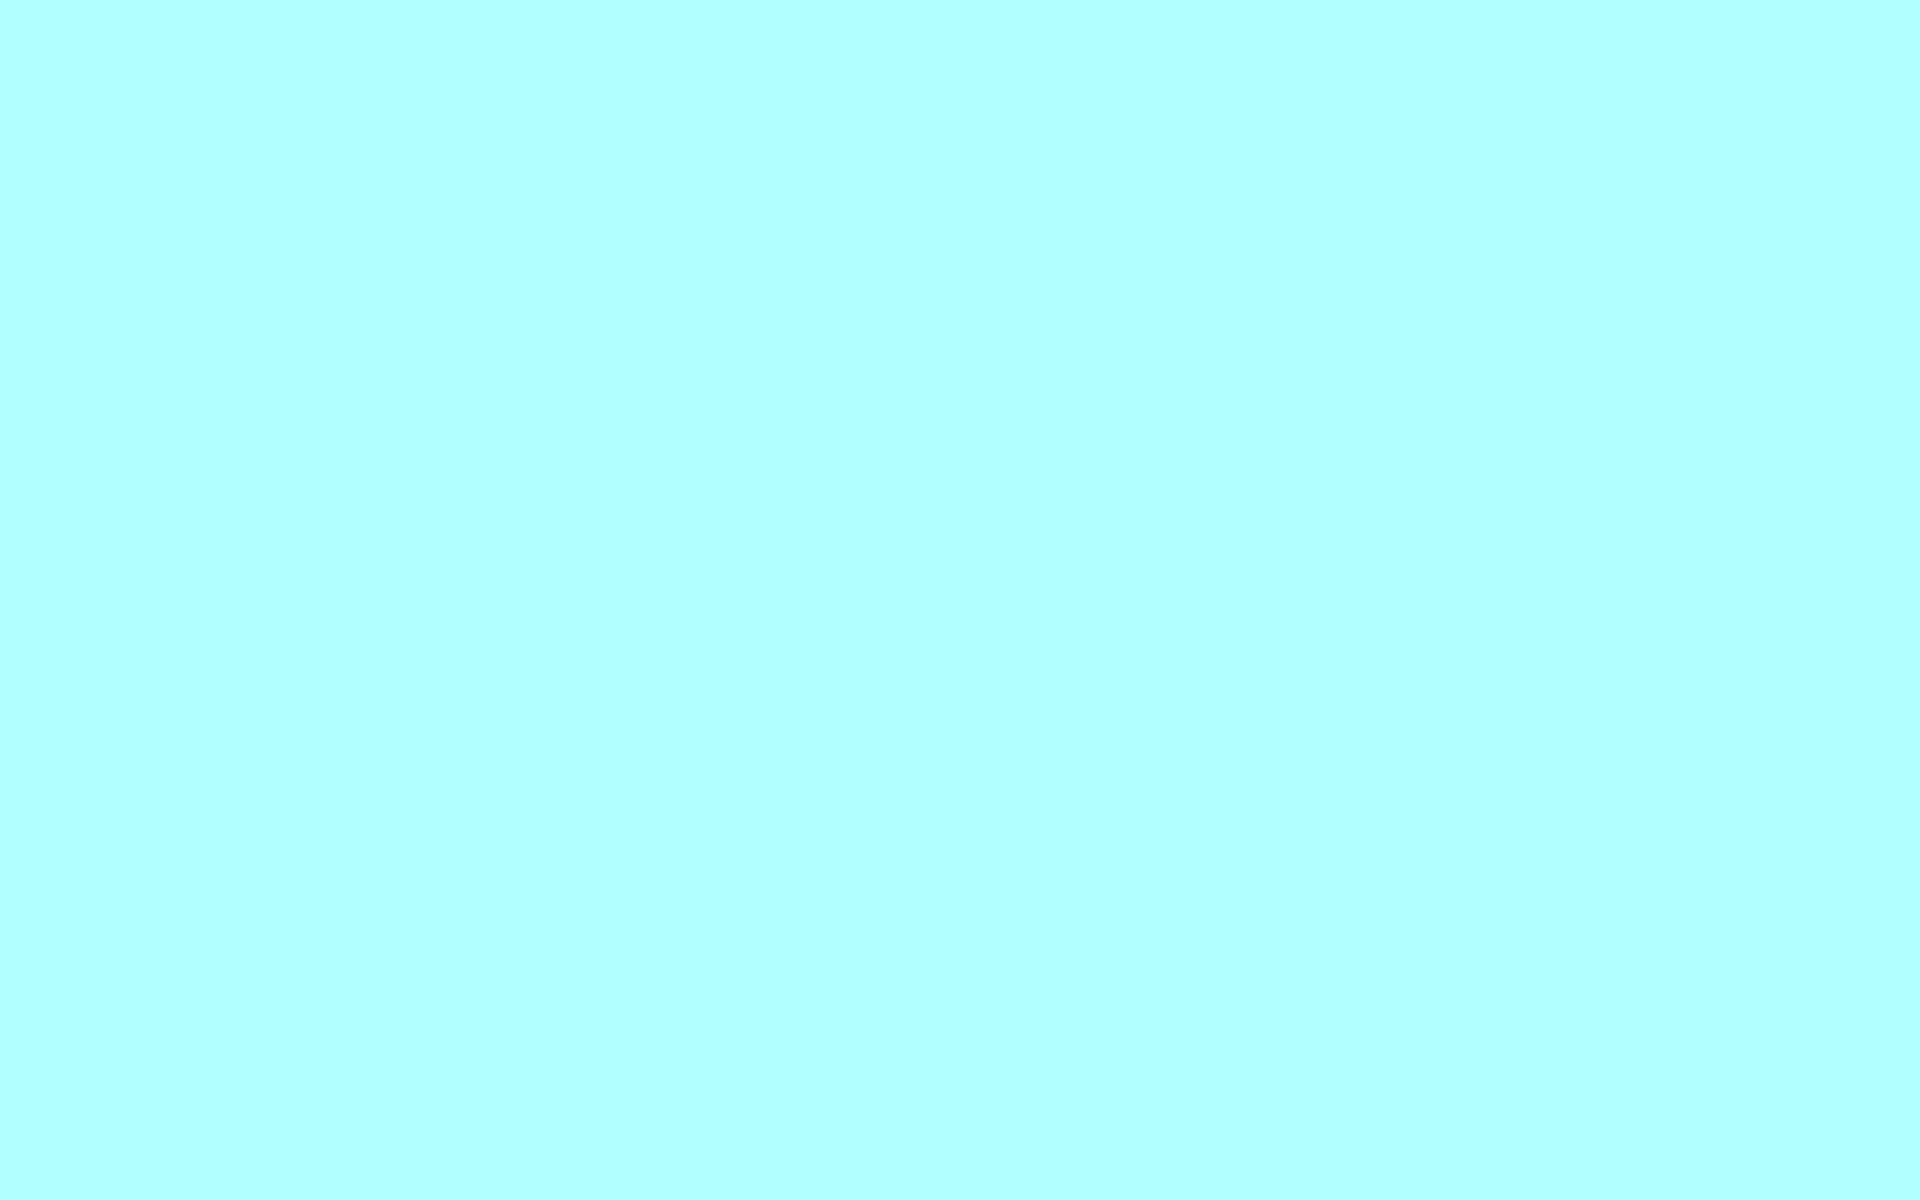 1920x1200 Celeste Solid Color Background